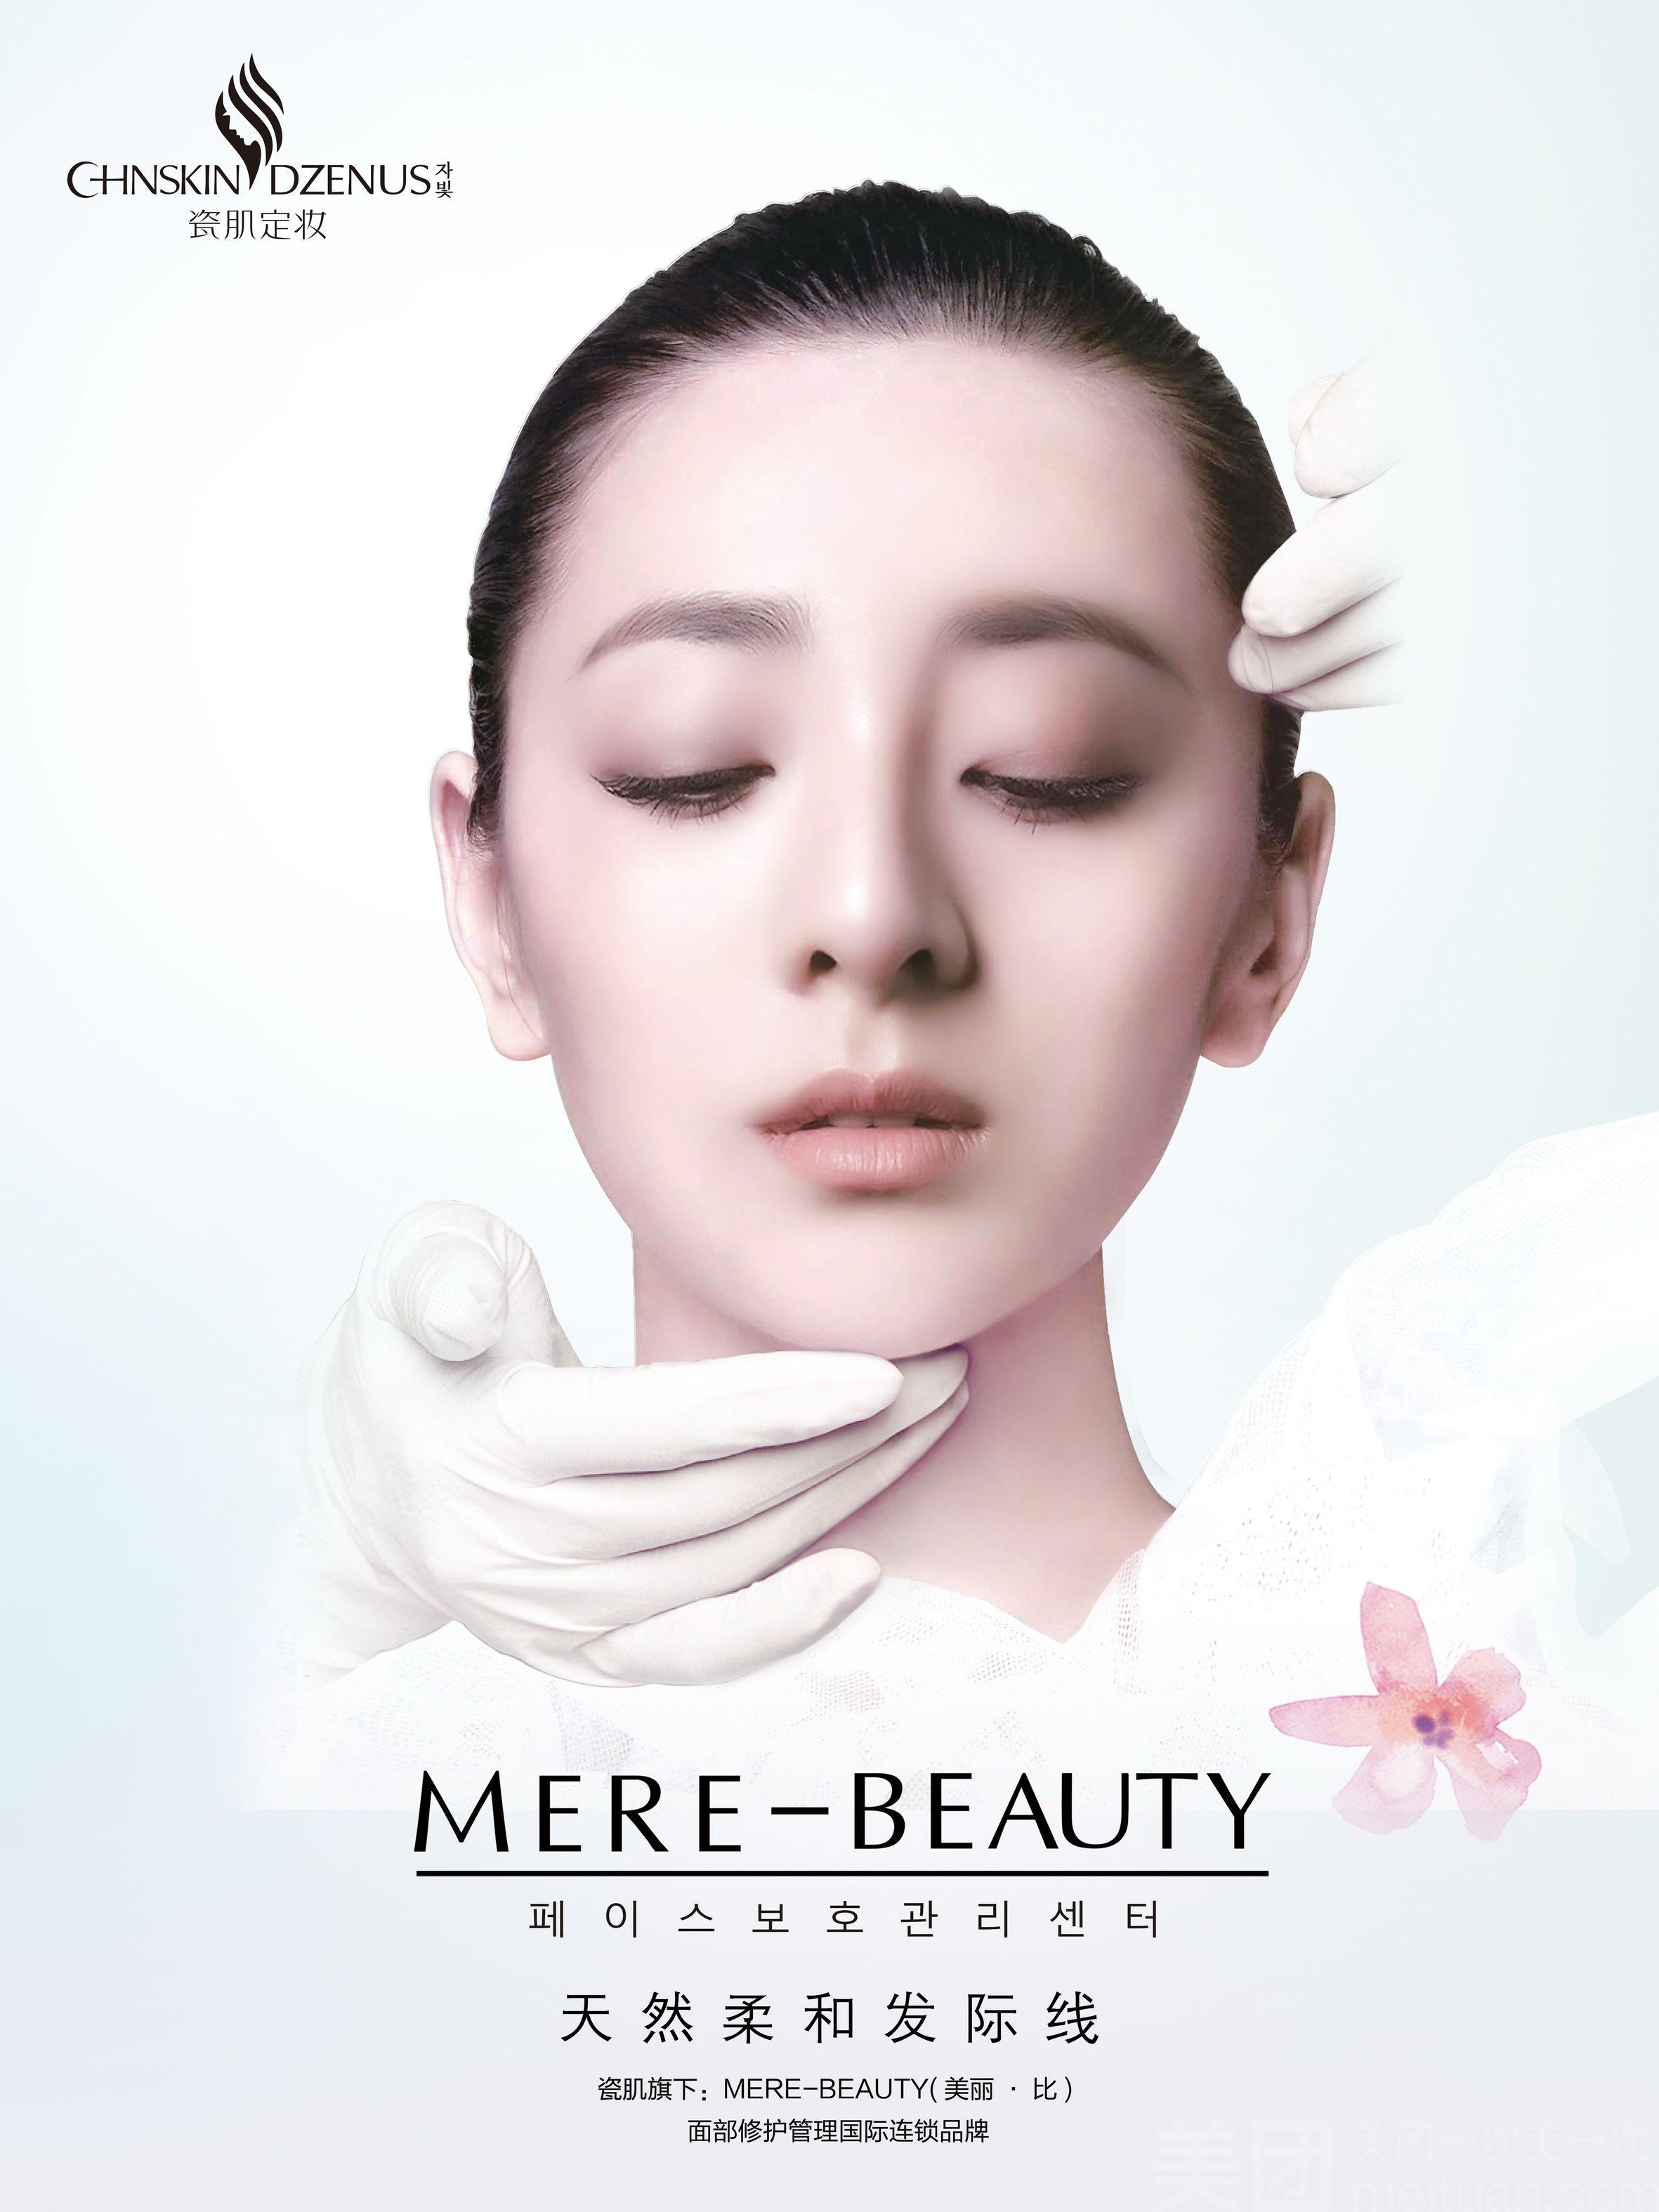 韩国瓷肌半永久定妆